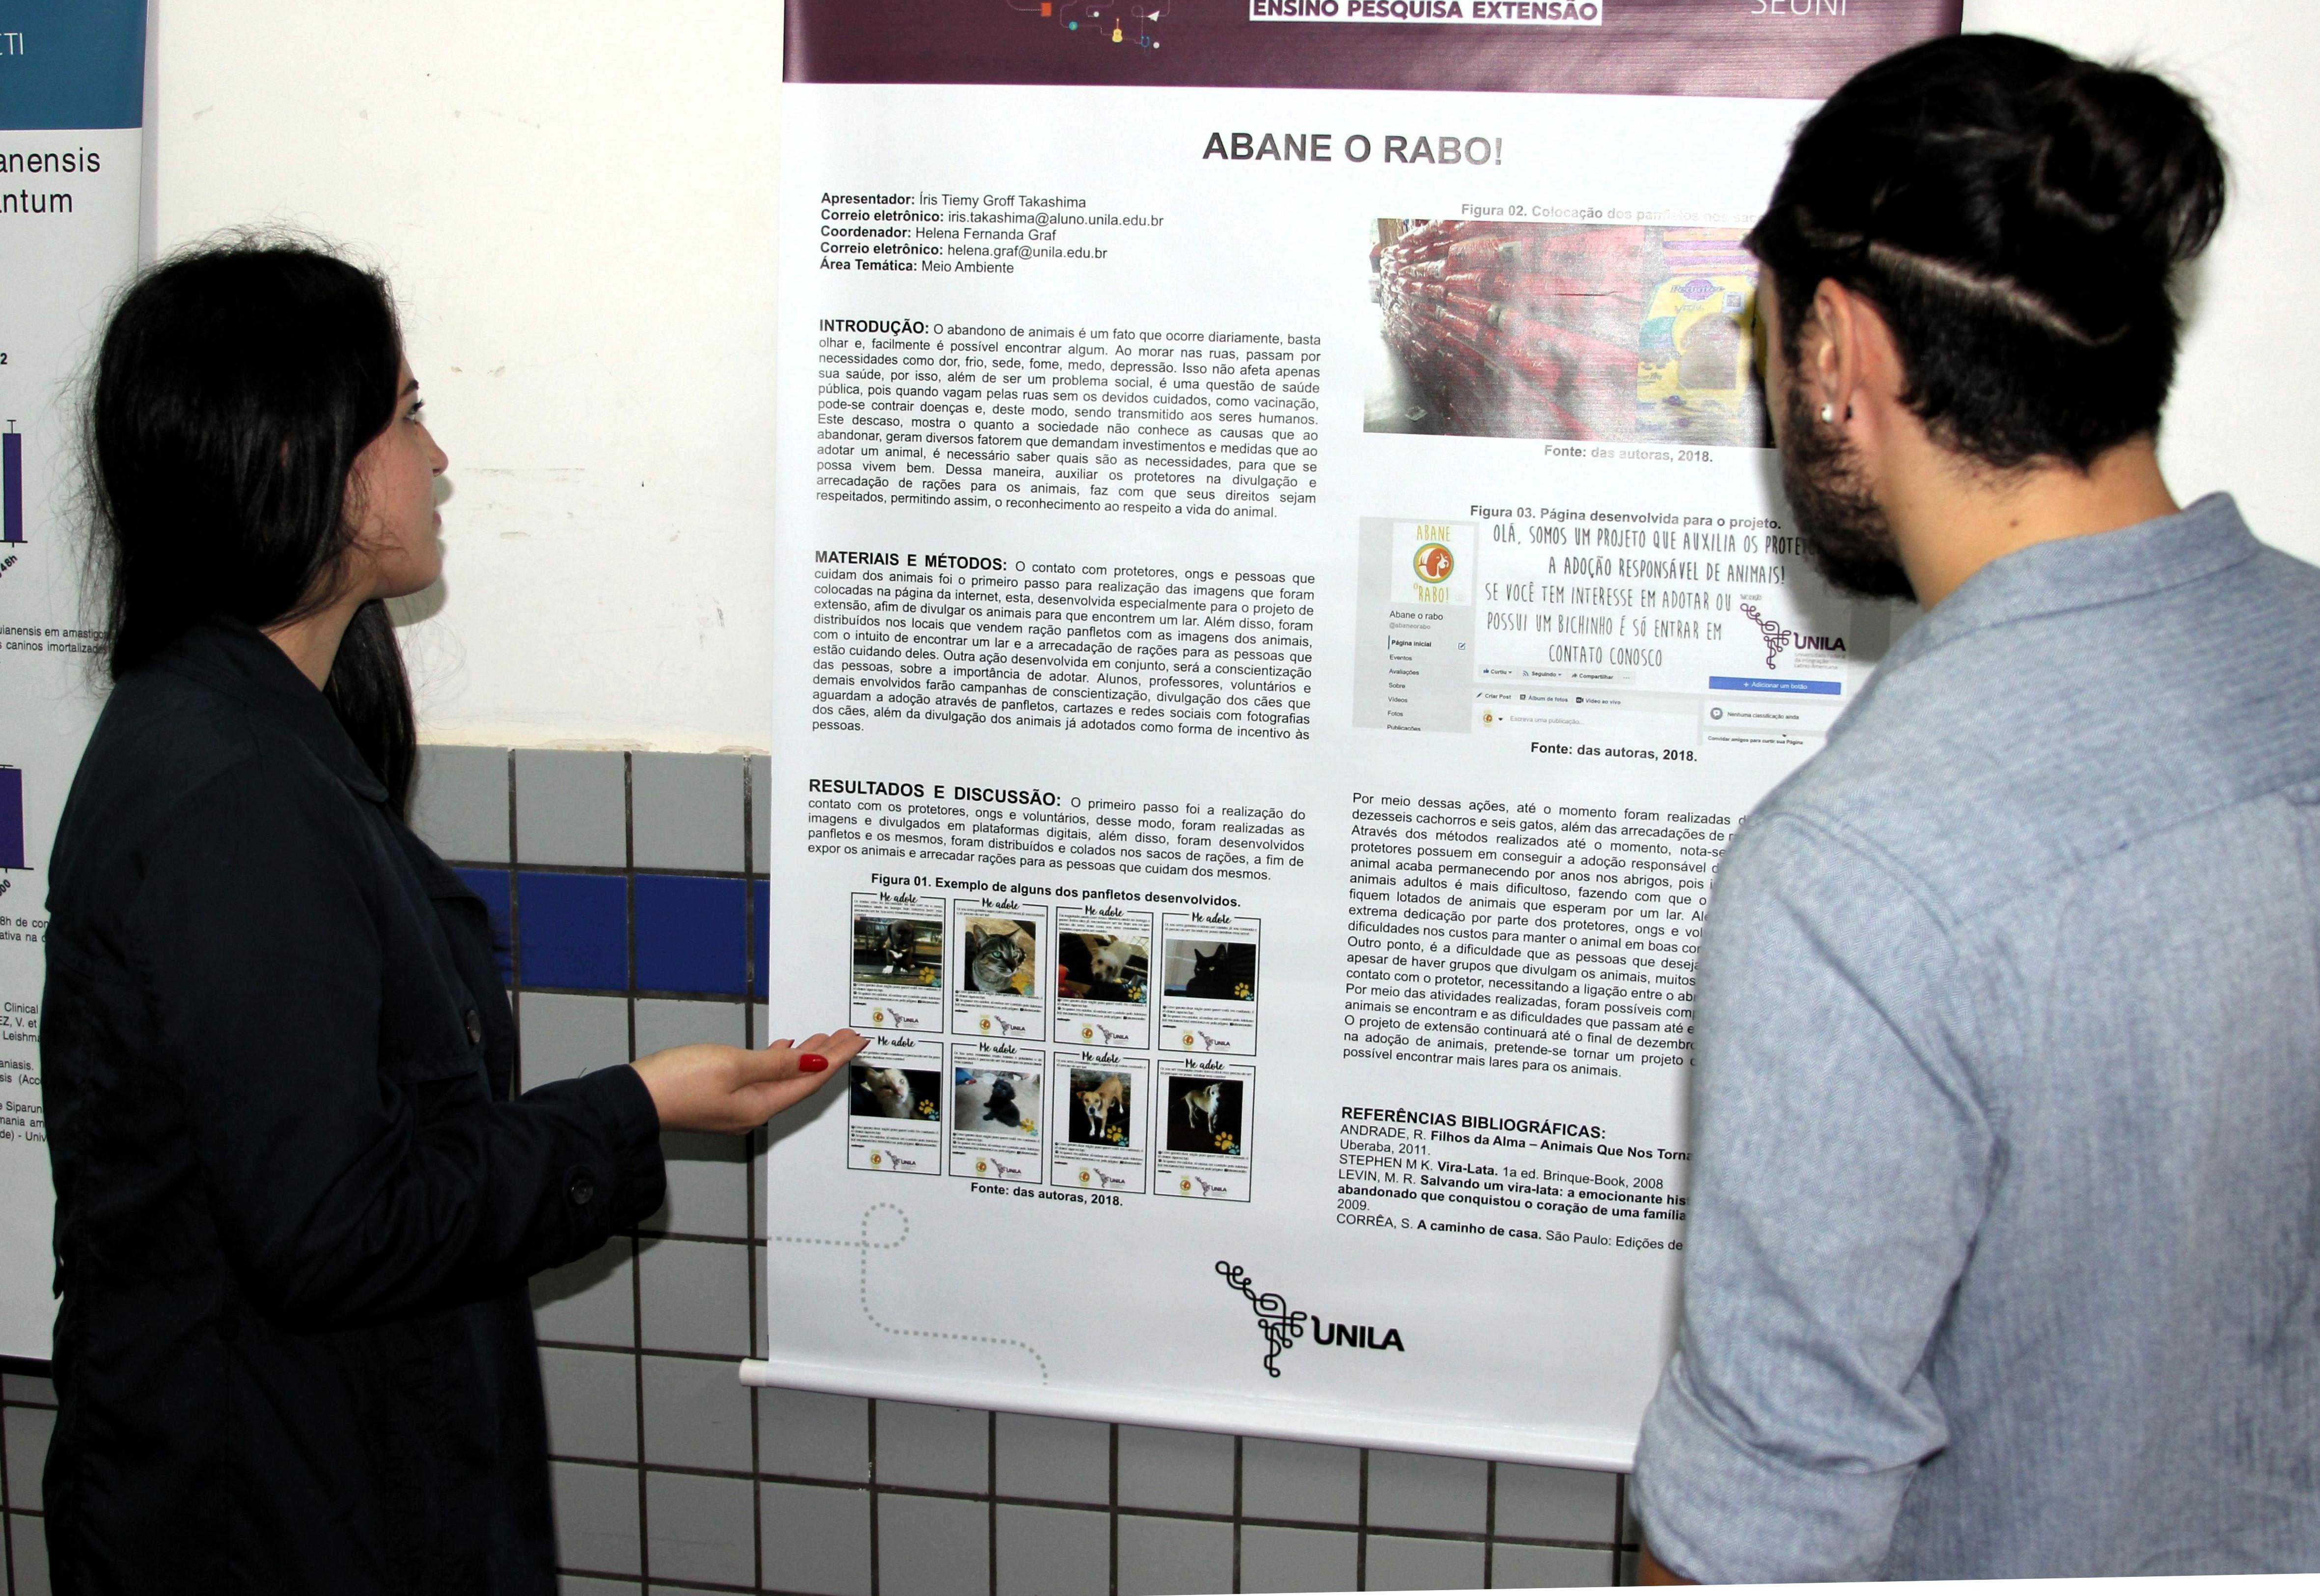 Íris apresentou a ação de extensão que visa encontrar pessoas interessadas em adotar animais abandonados